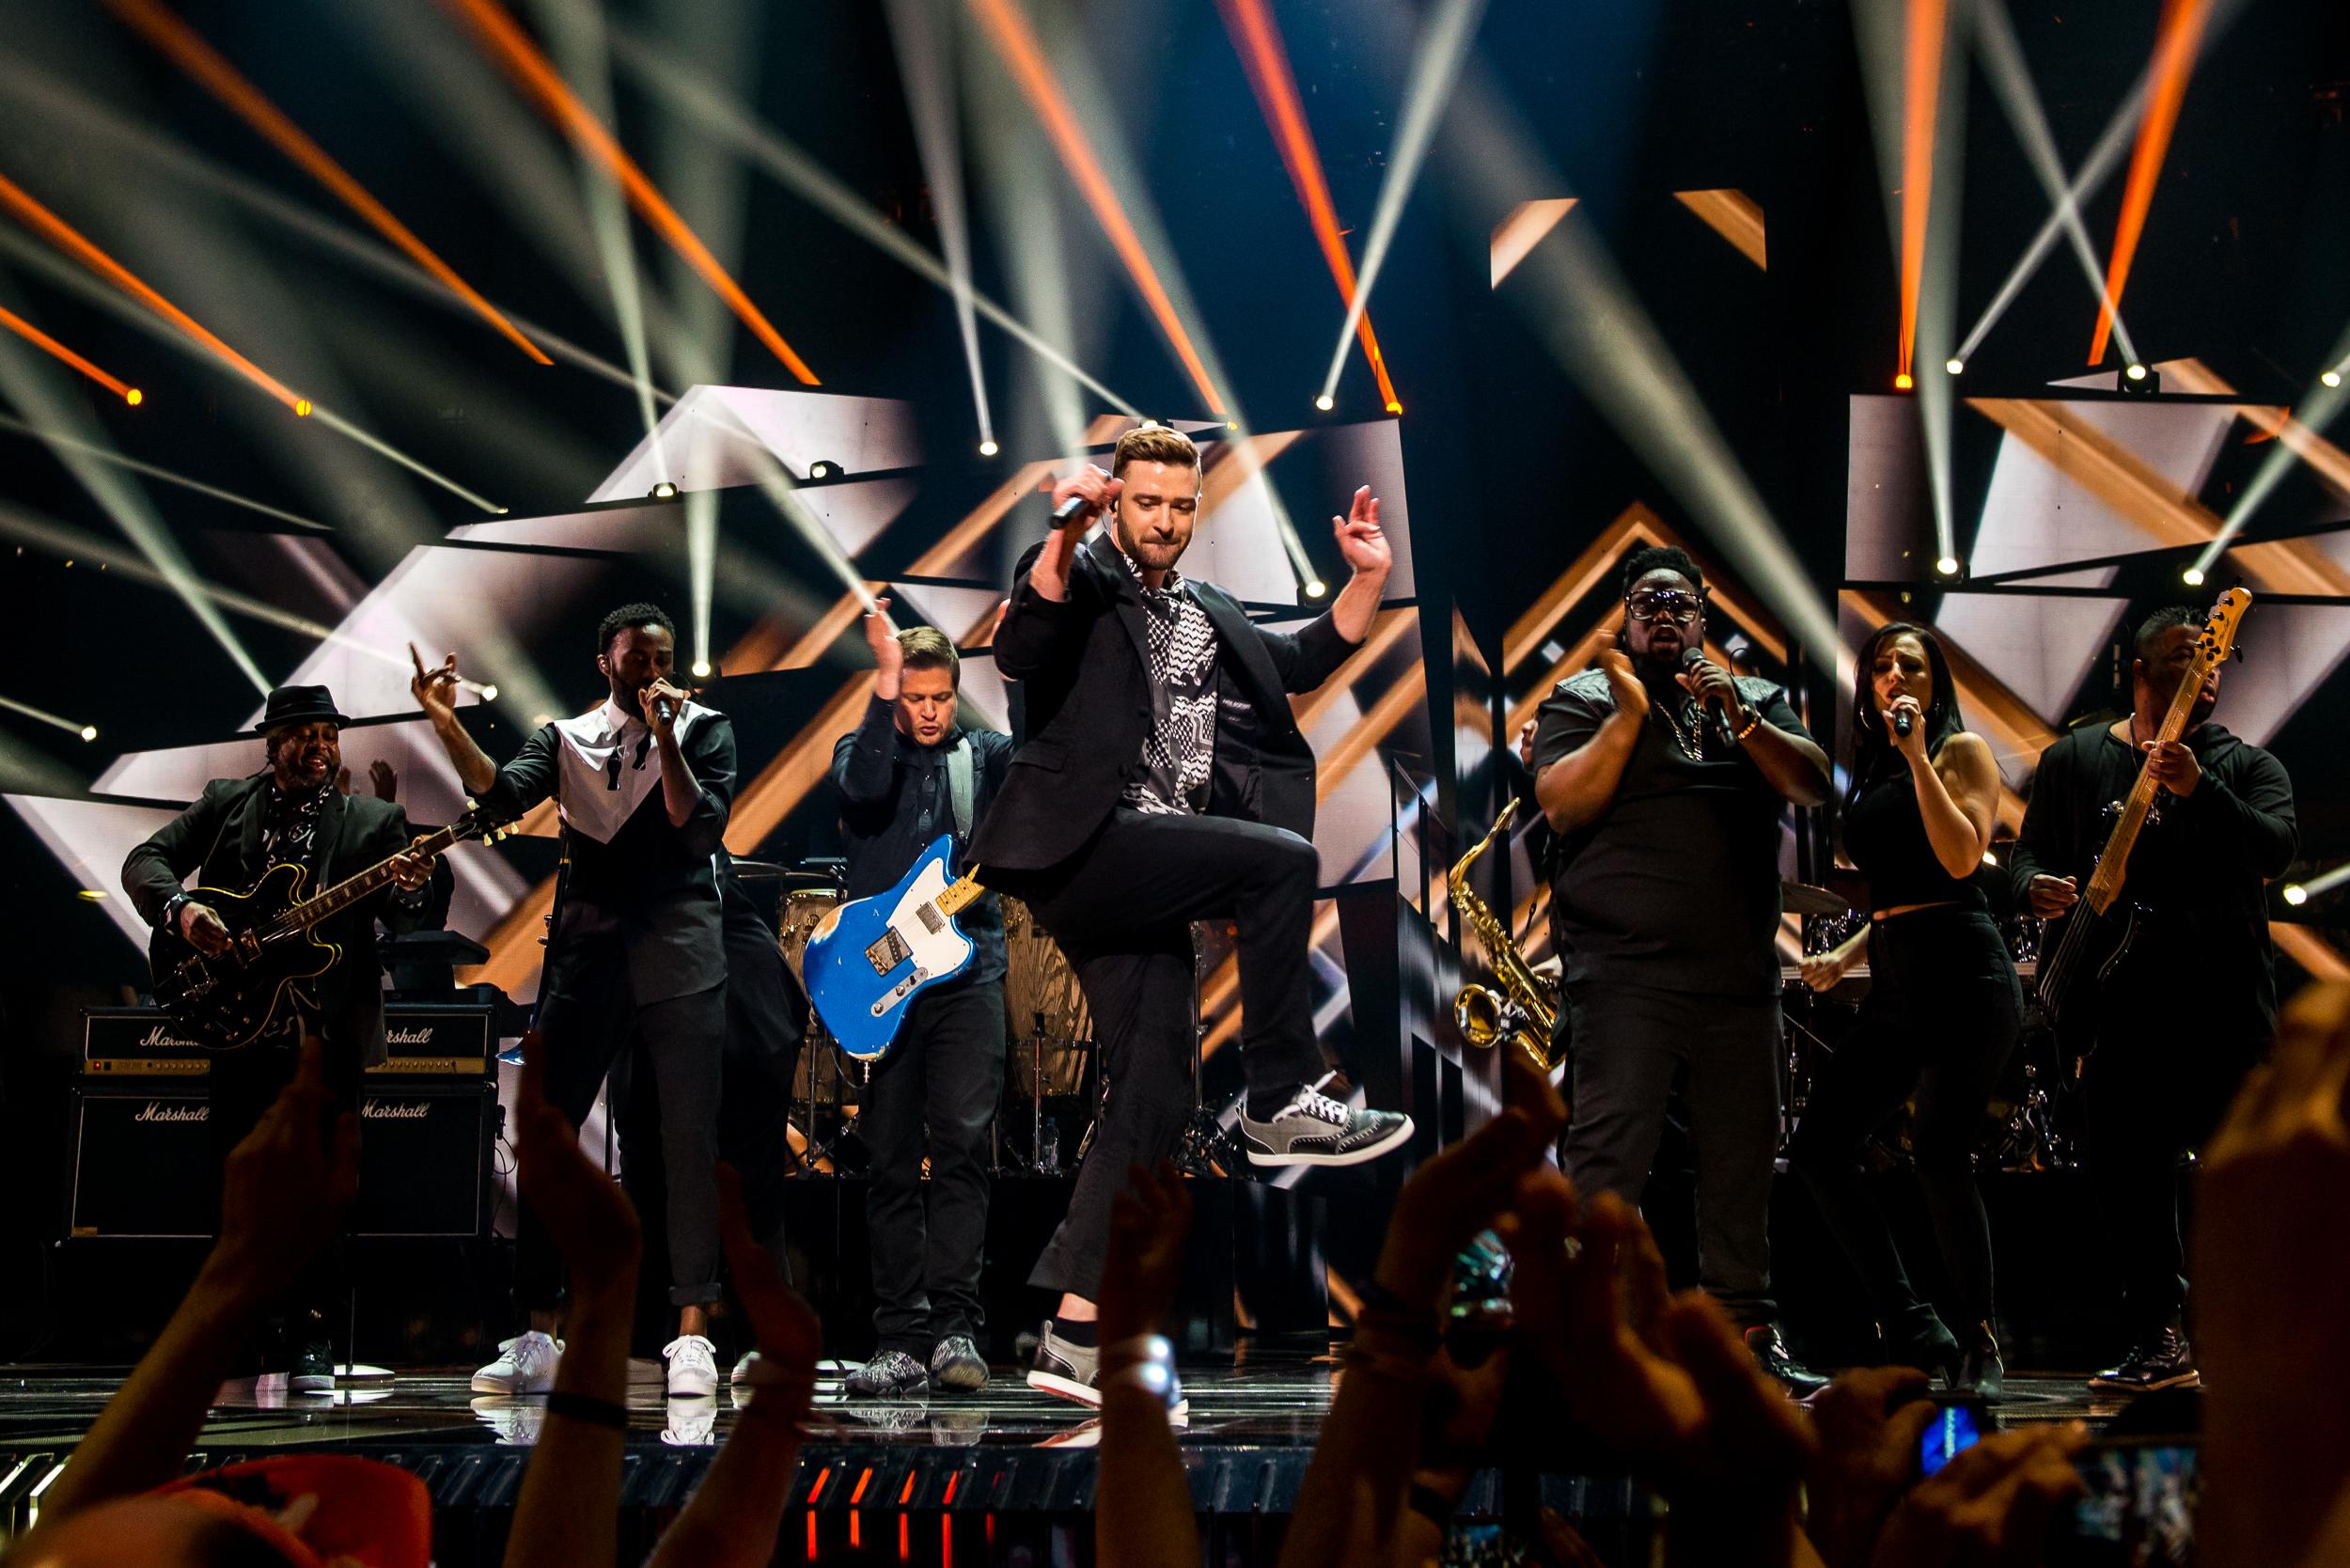 """Τζάστιν Τίμπερλεικ-Η έκπληξη της Eurovision τα... """"έσπασε"""" πάνω στη σκηνή (βίντεο)"""